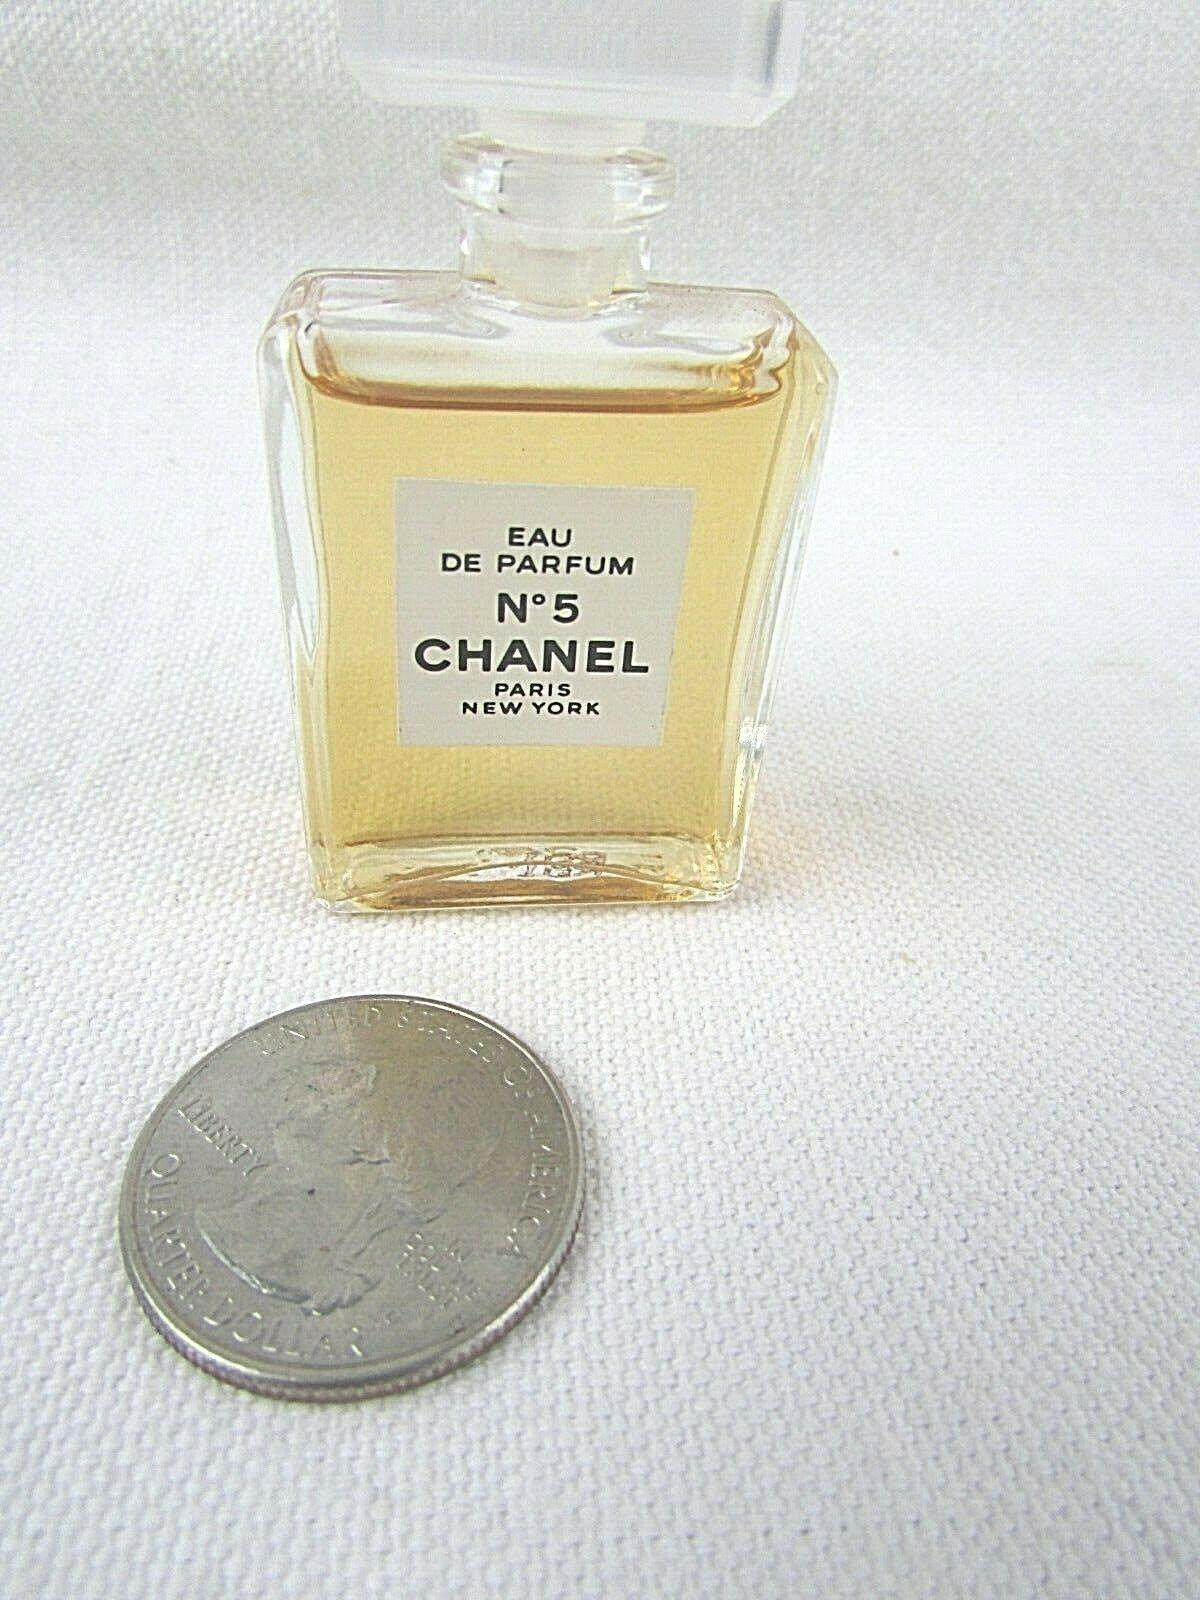 Chanel No. 5 perfume purse mini 8ml NEW w/o box